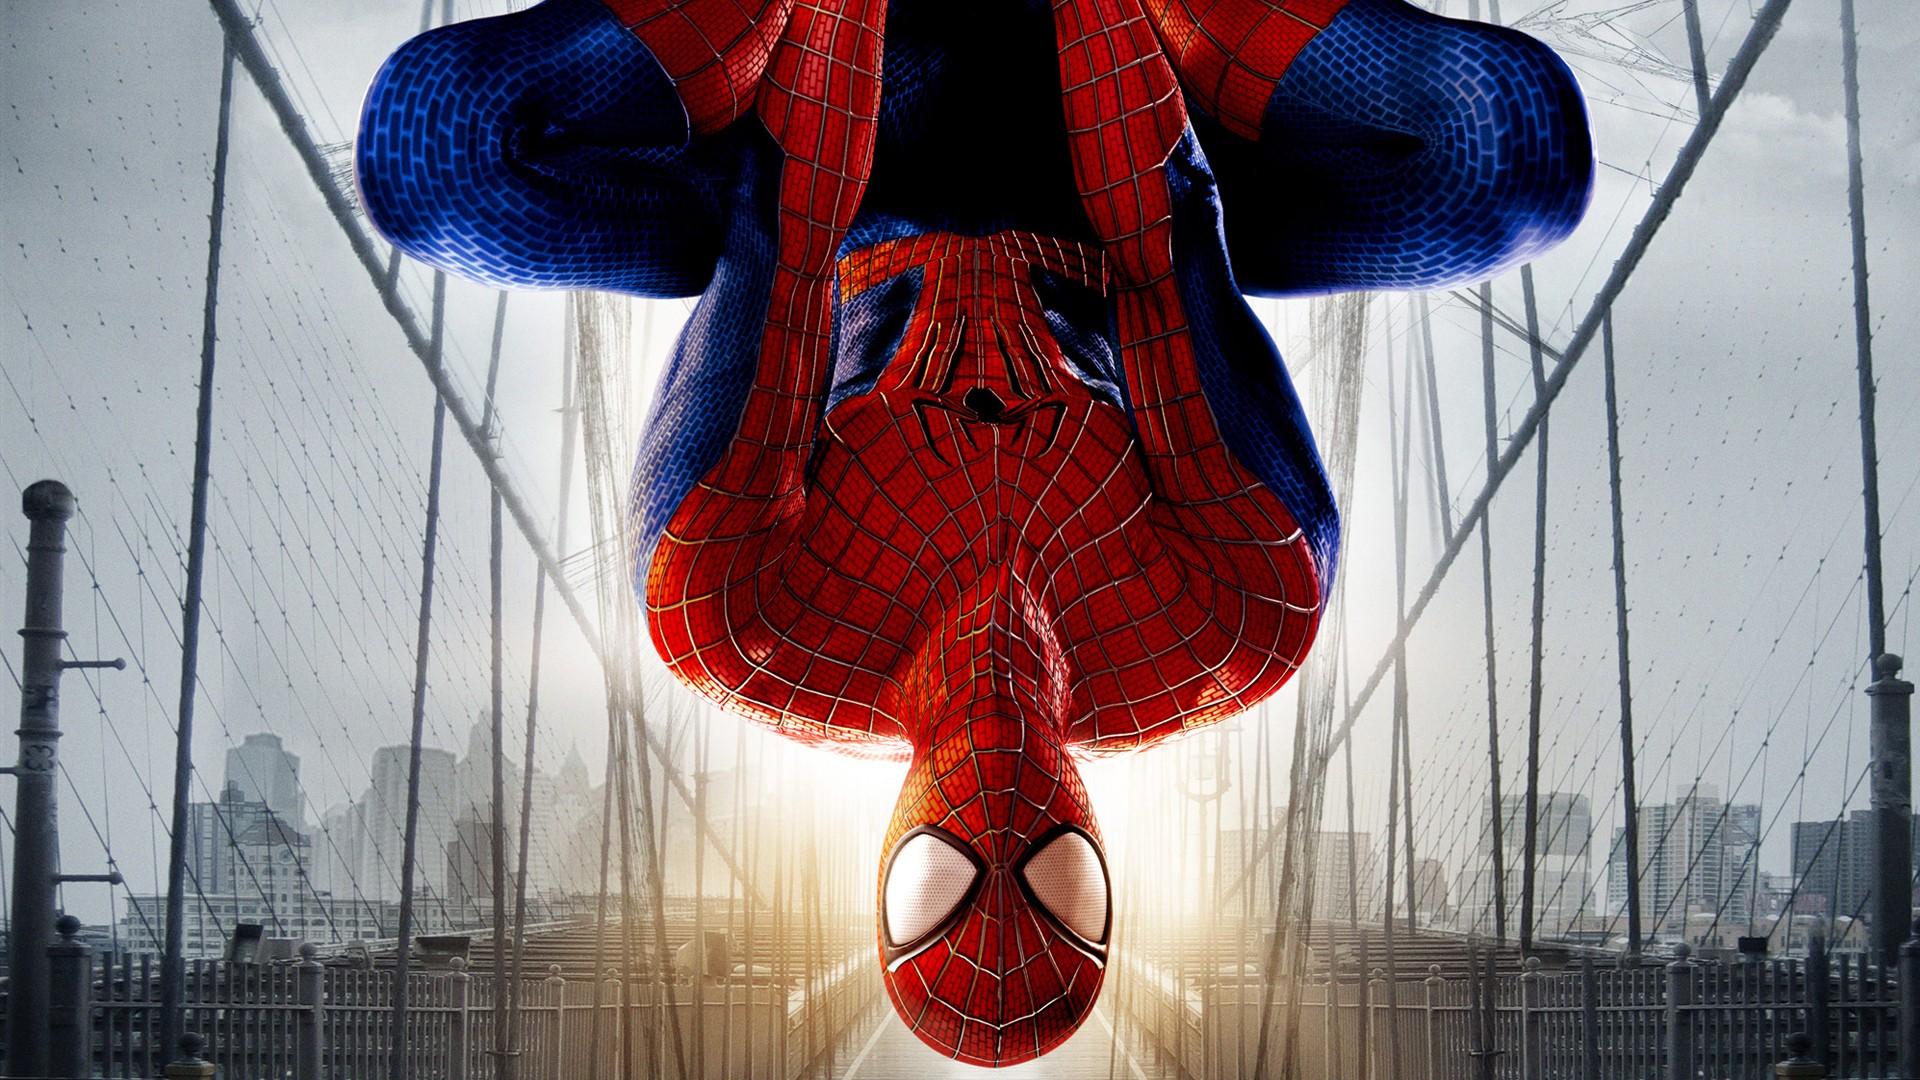 Przeglądam filmografię Jona Wattsa i nie rozumiem, dlaczego oddano mu filmowego Spider-Mana